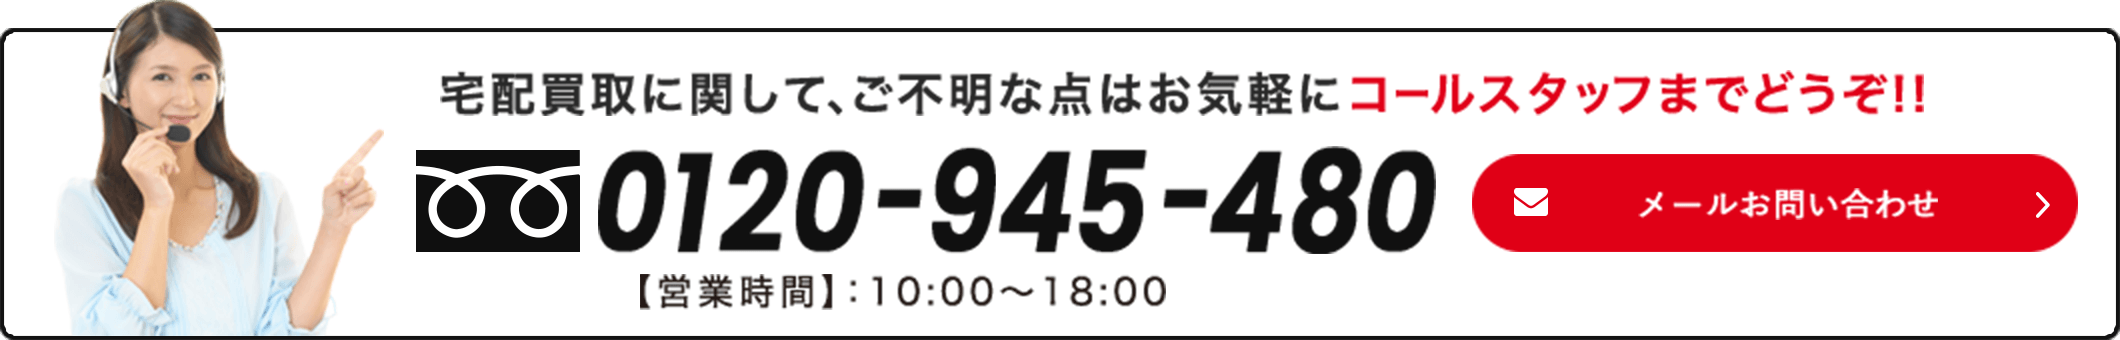 宅配買取に関して、ご不明な点はお気軽にコールスタッフまでどうぞ!!0120-954-480 営業時間 10:00~18:00 メールお問い合わせ